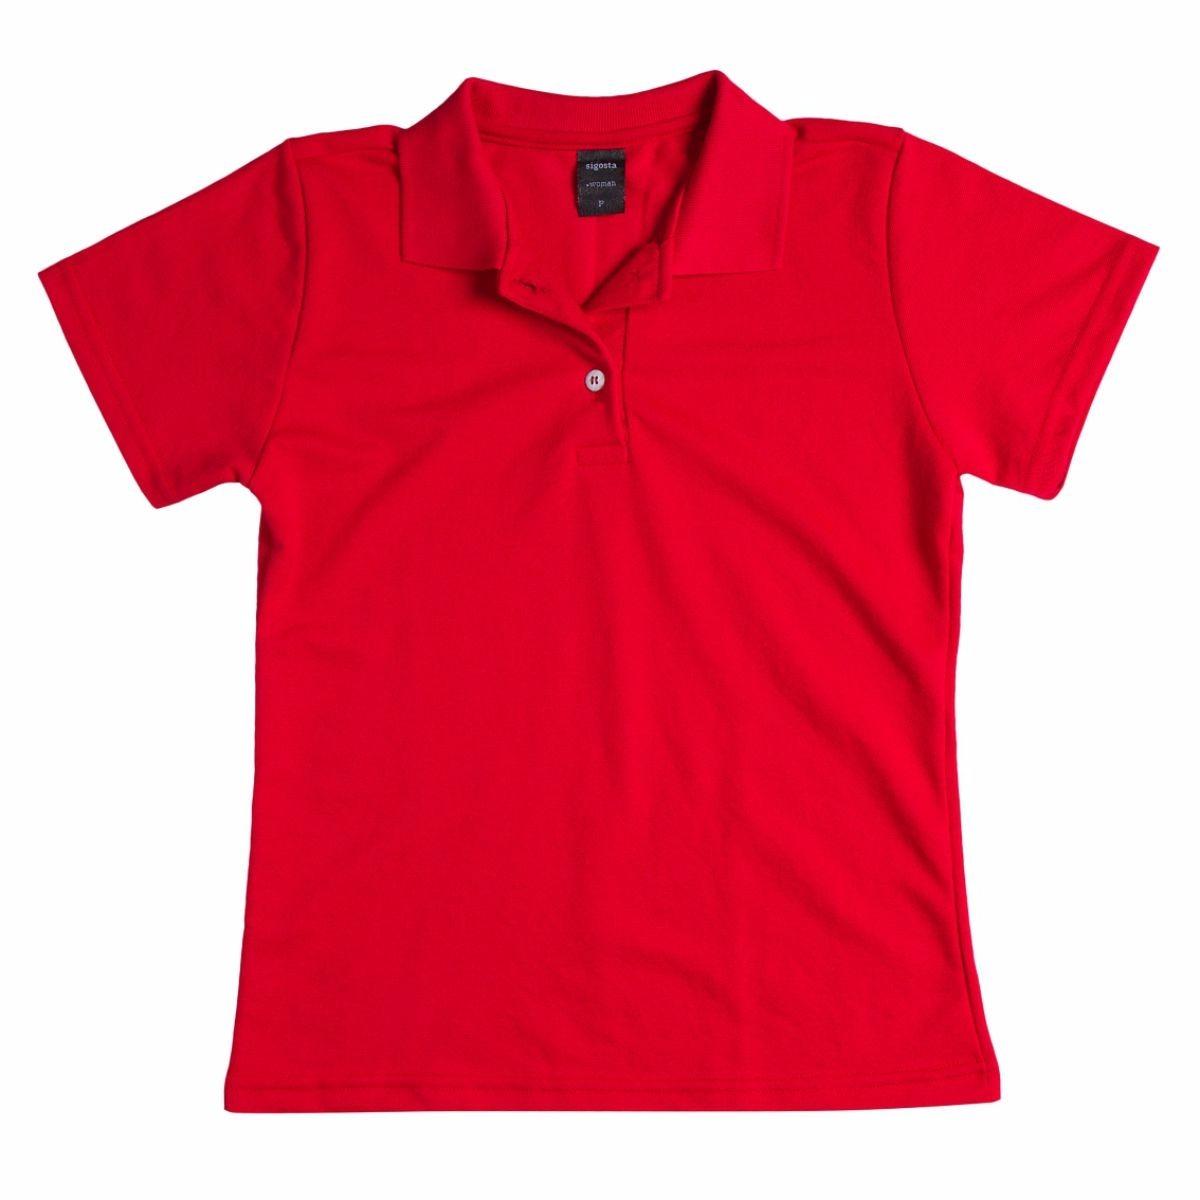 6c11dfb433 camisa camiseta feminina polo modelo baby look vermelha. Carregando zoom.